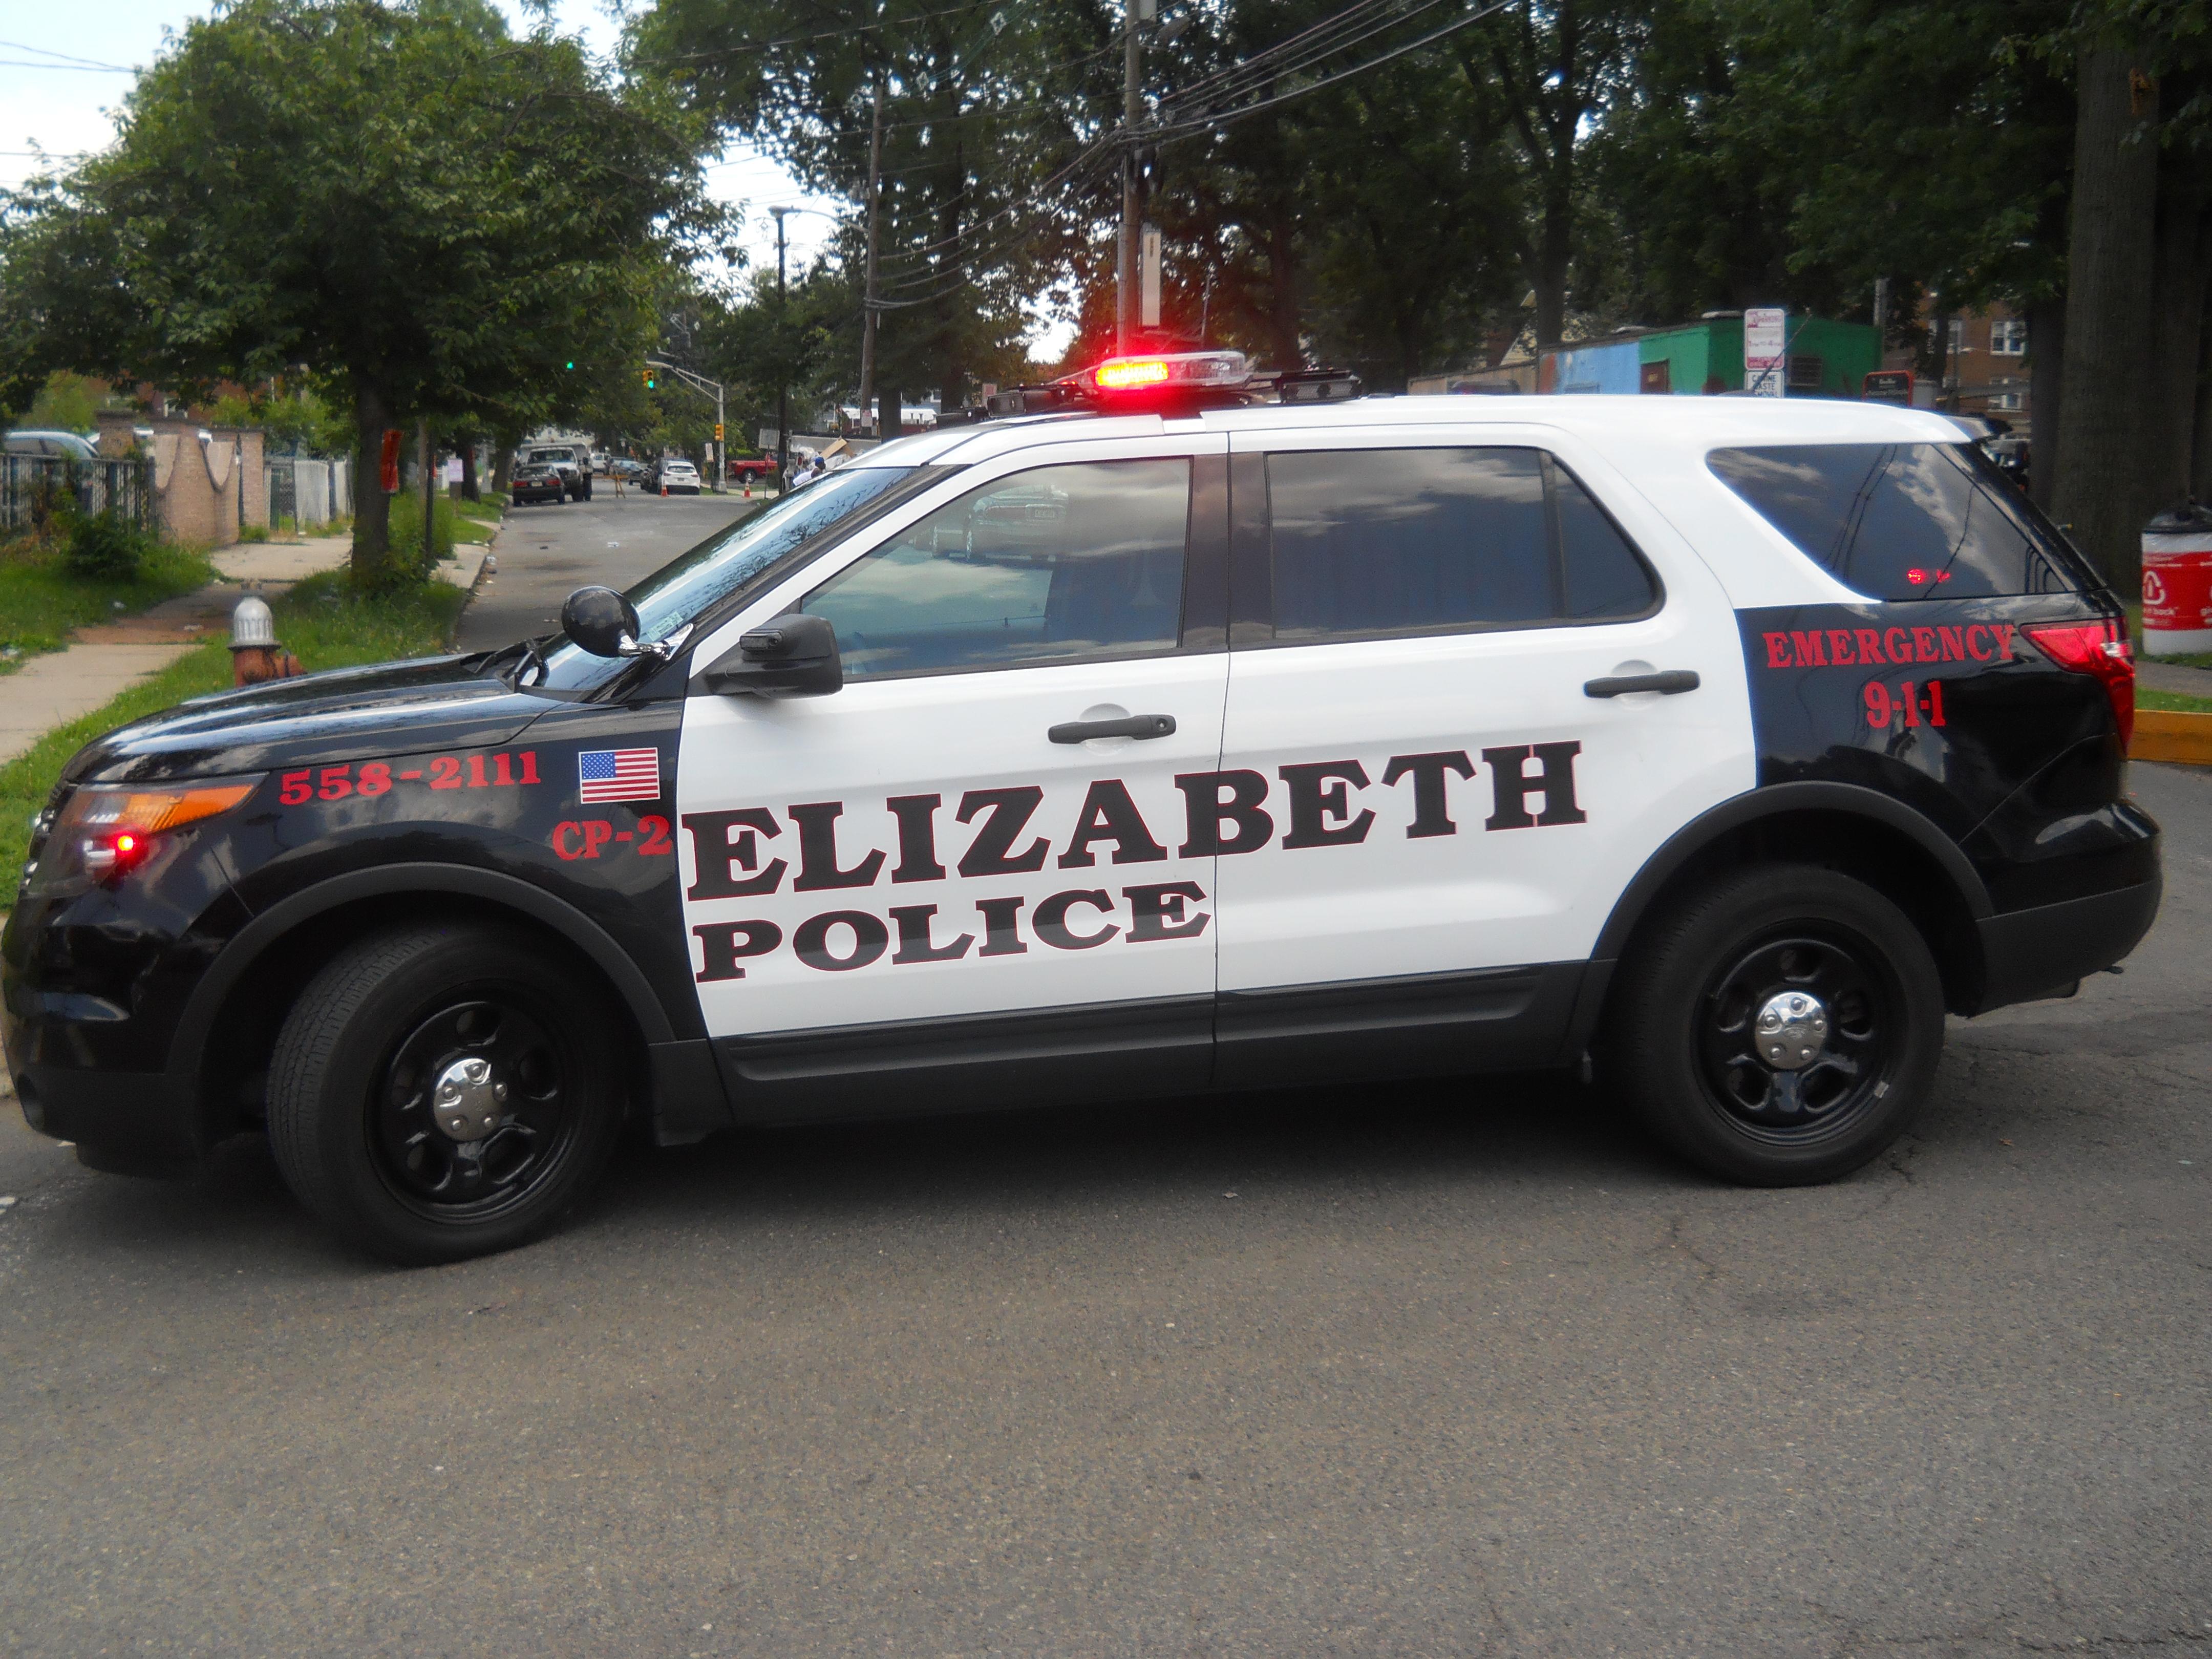 94810f89f2b1487e13b2_Police_Car.jpg